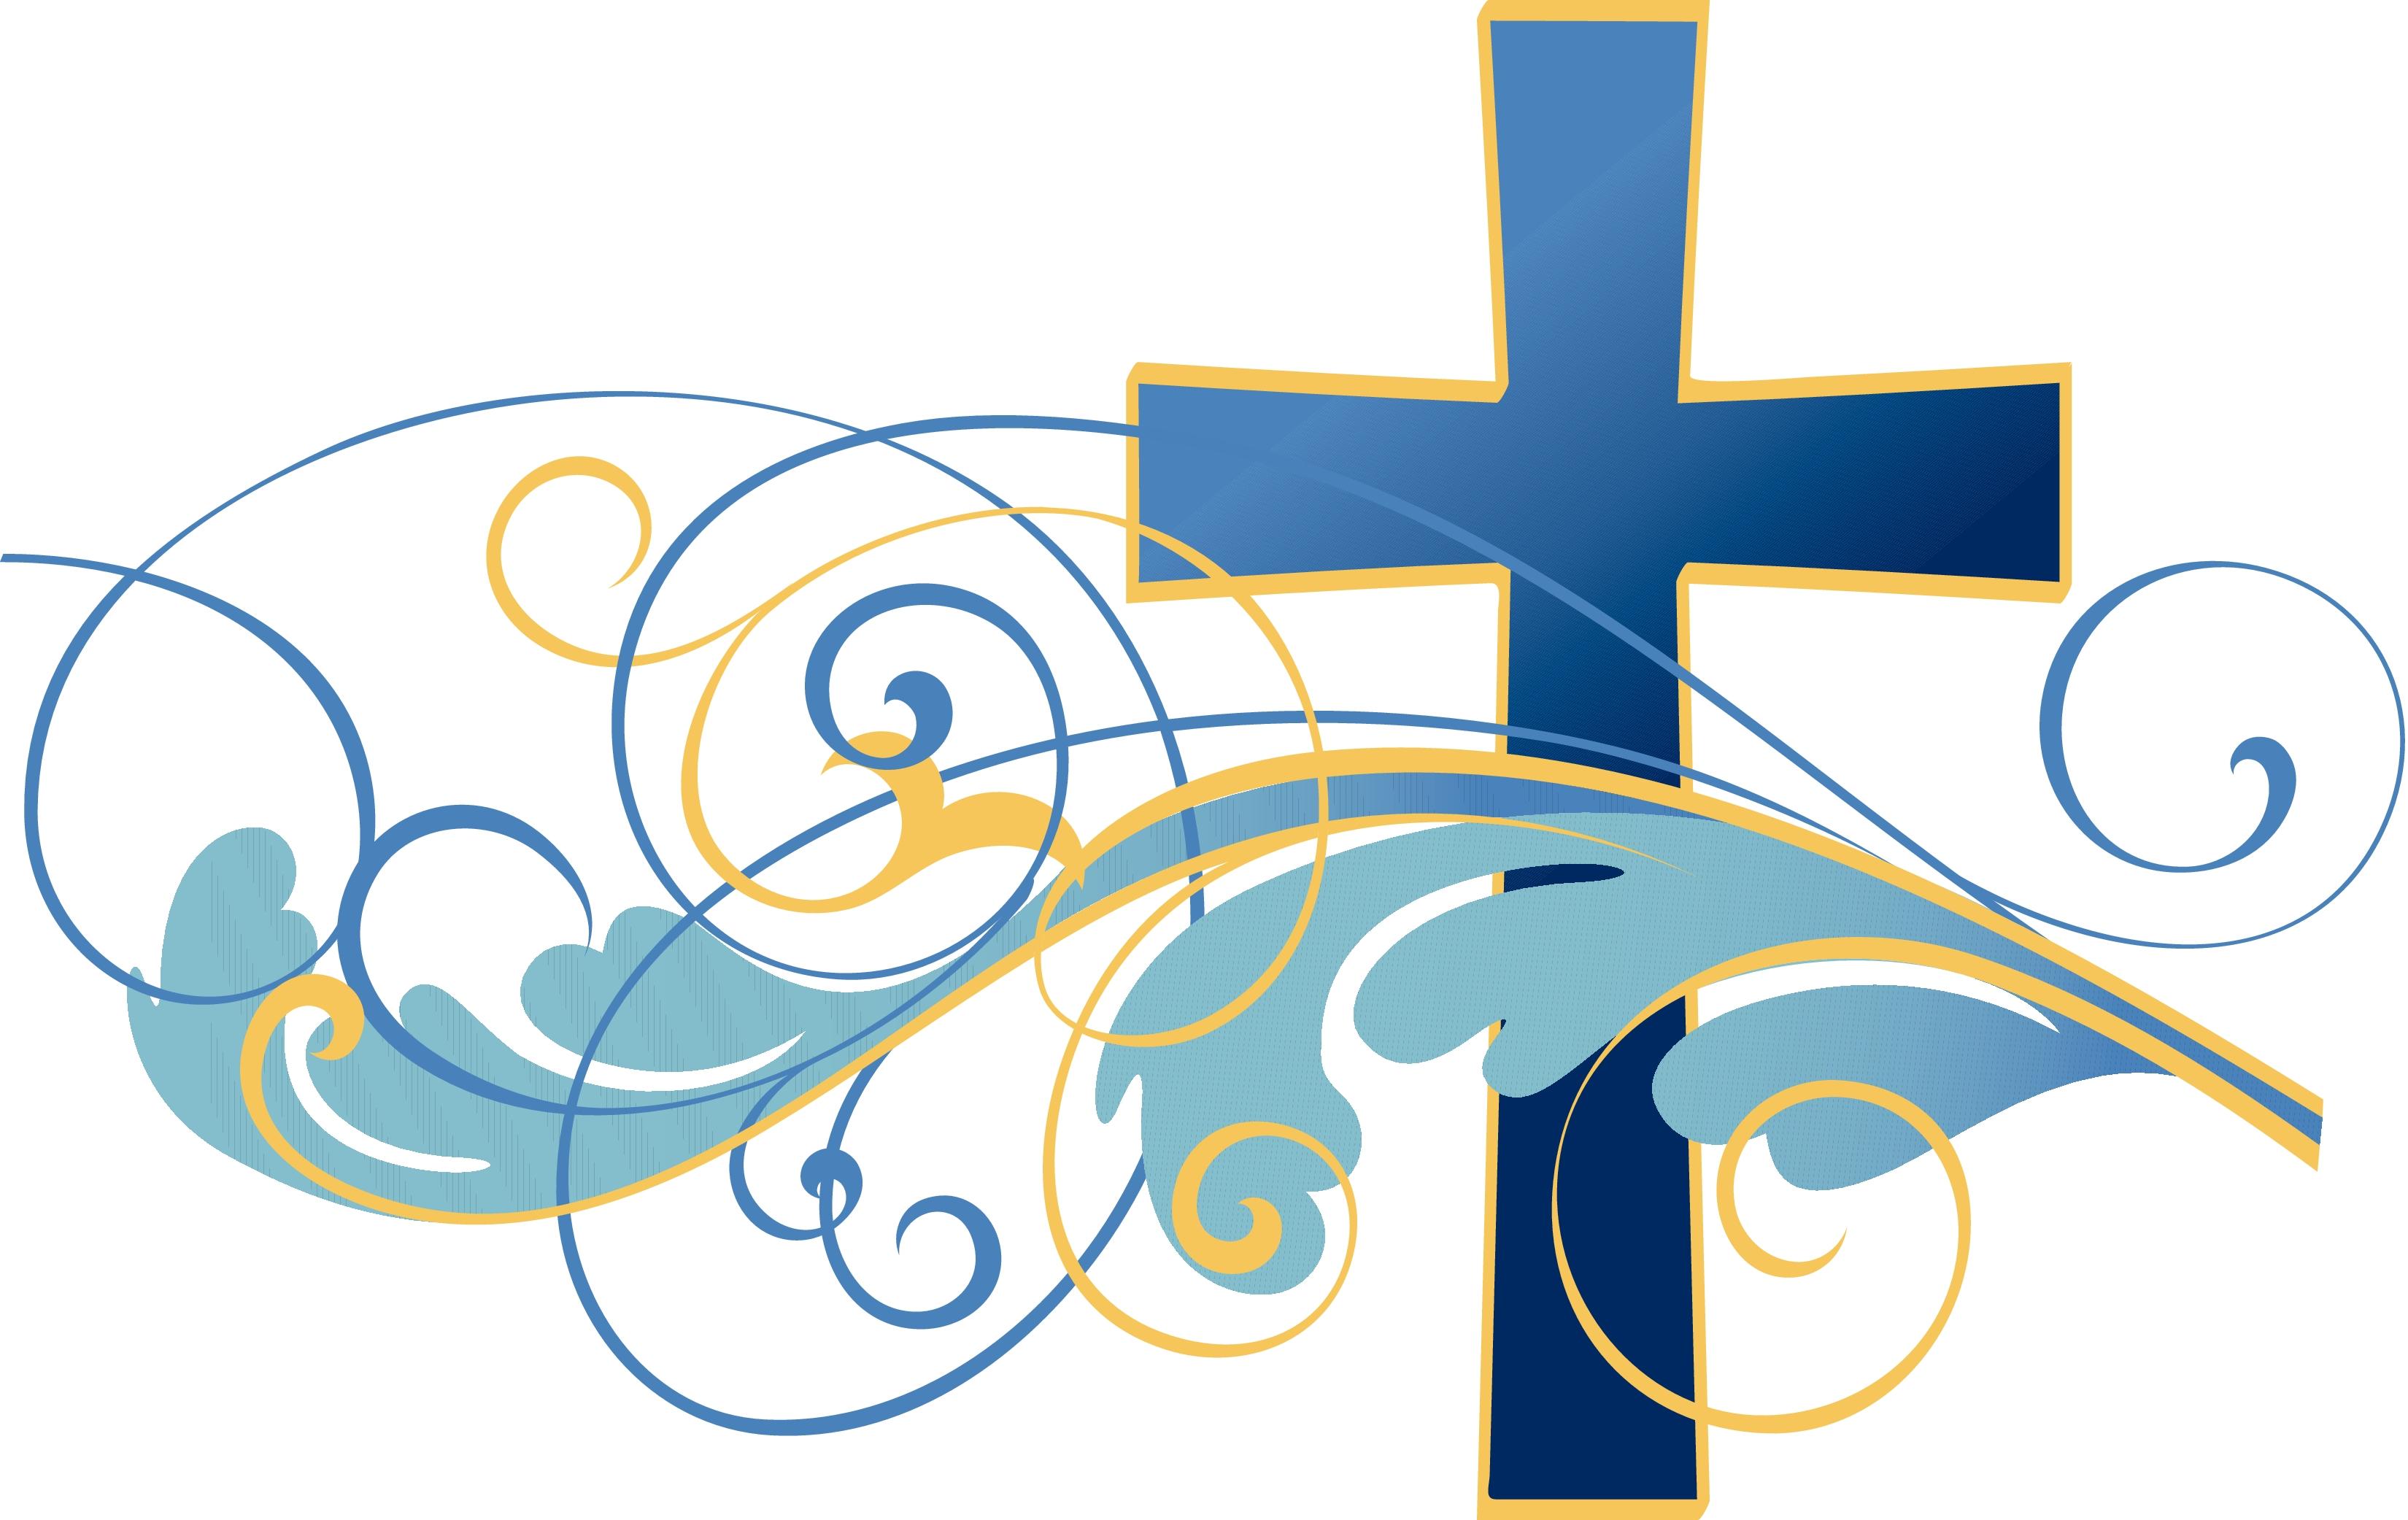 Network Catholic Faith Clip Art.